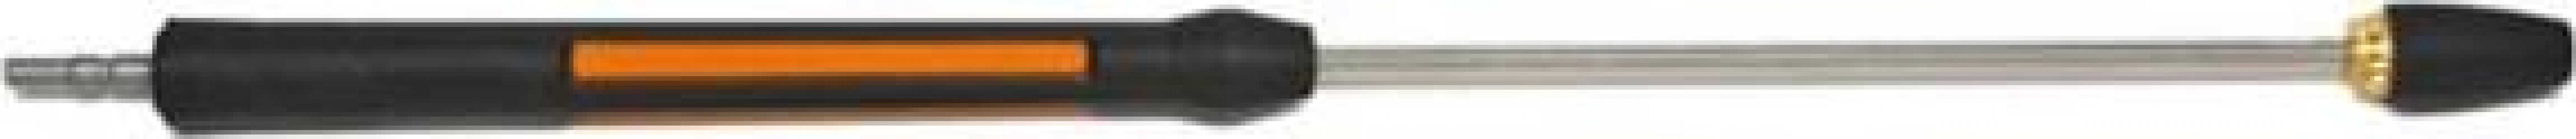 Lance pulverizare 2.5 m, pentru Stihl RE 362 Plus - RE 462 P